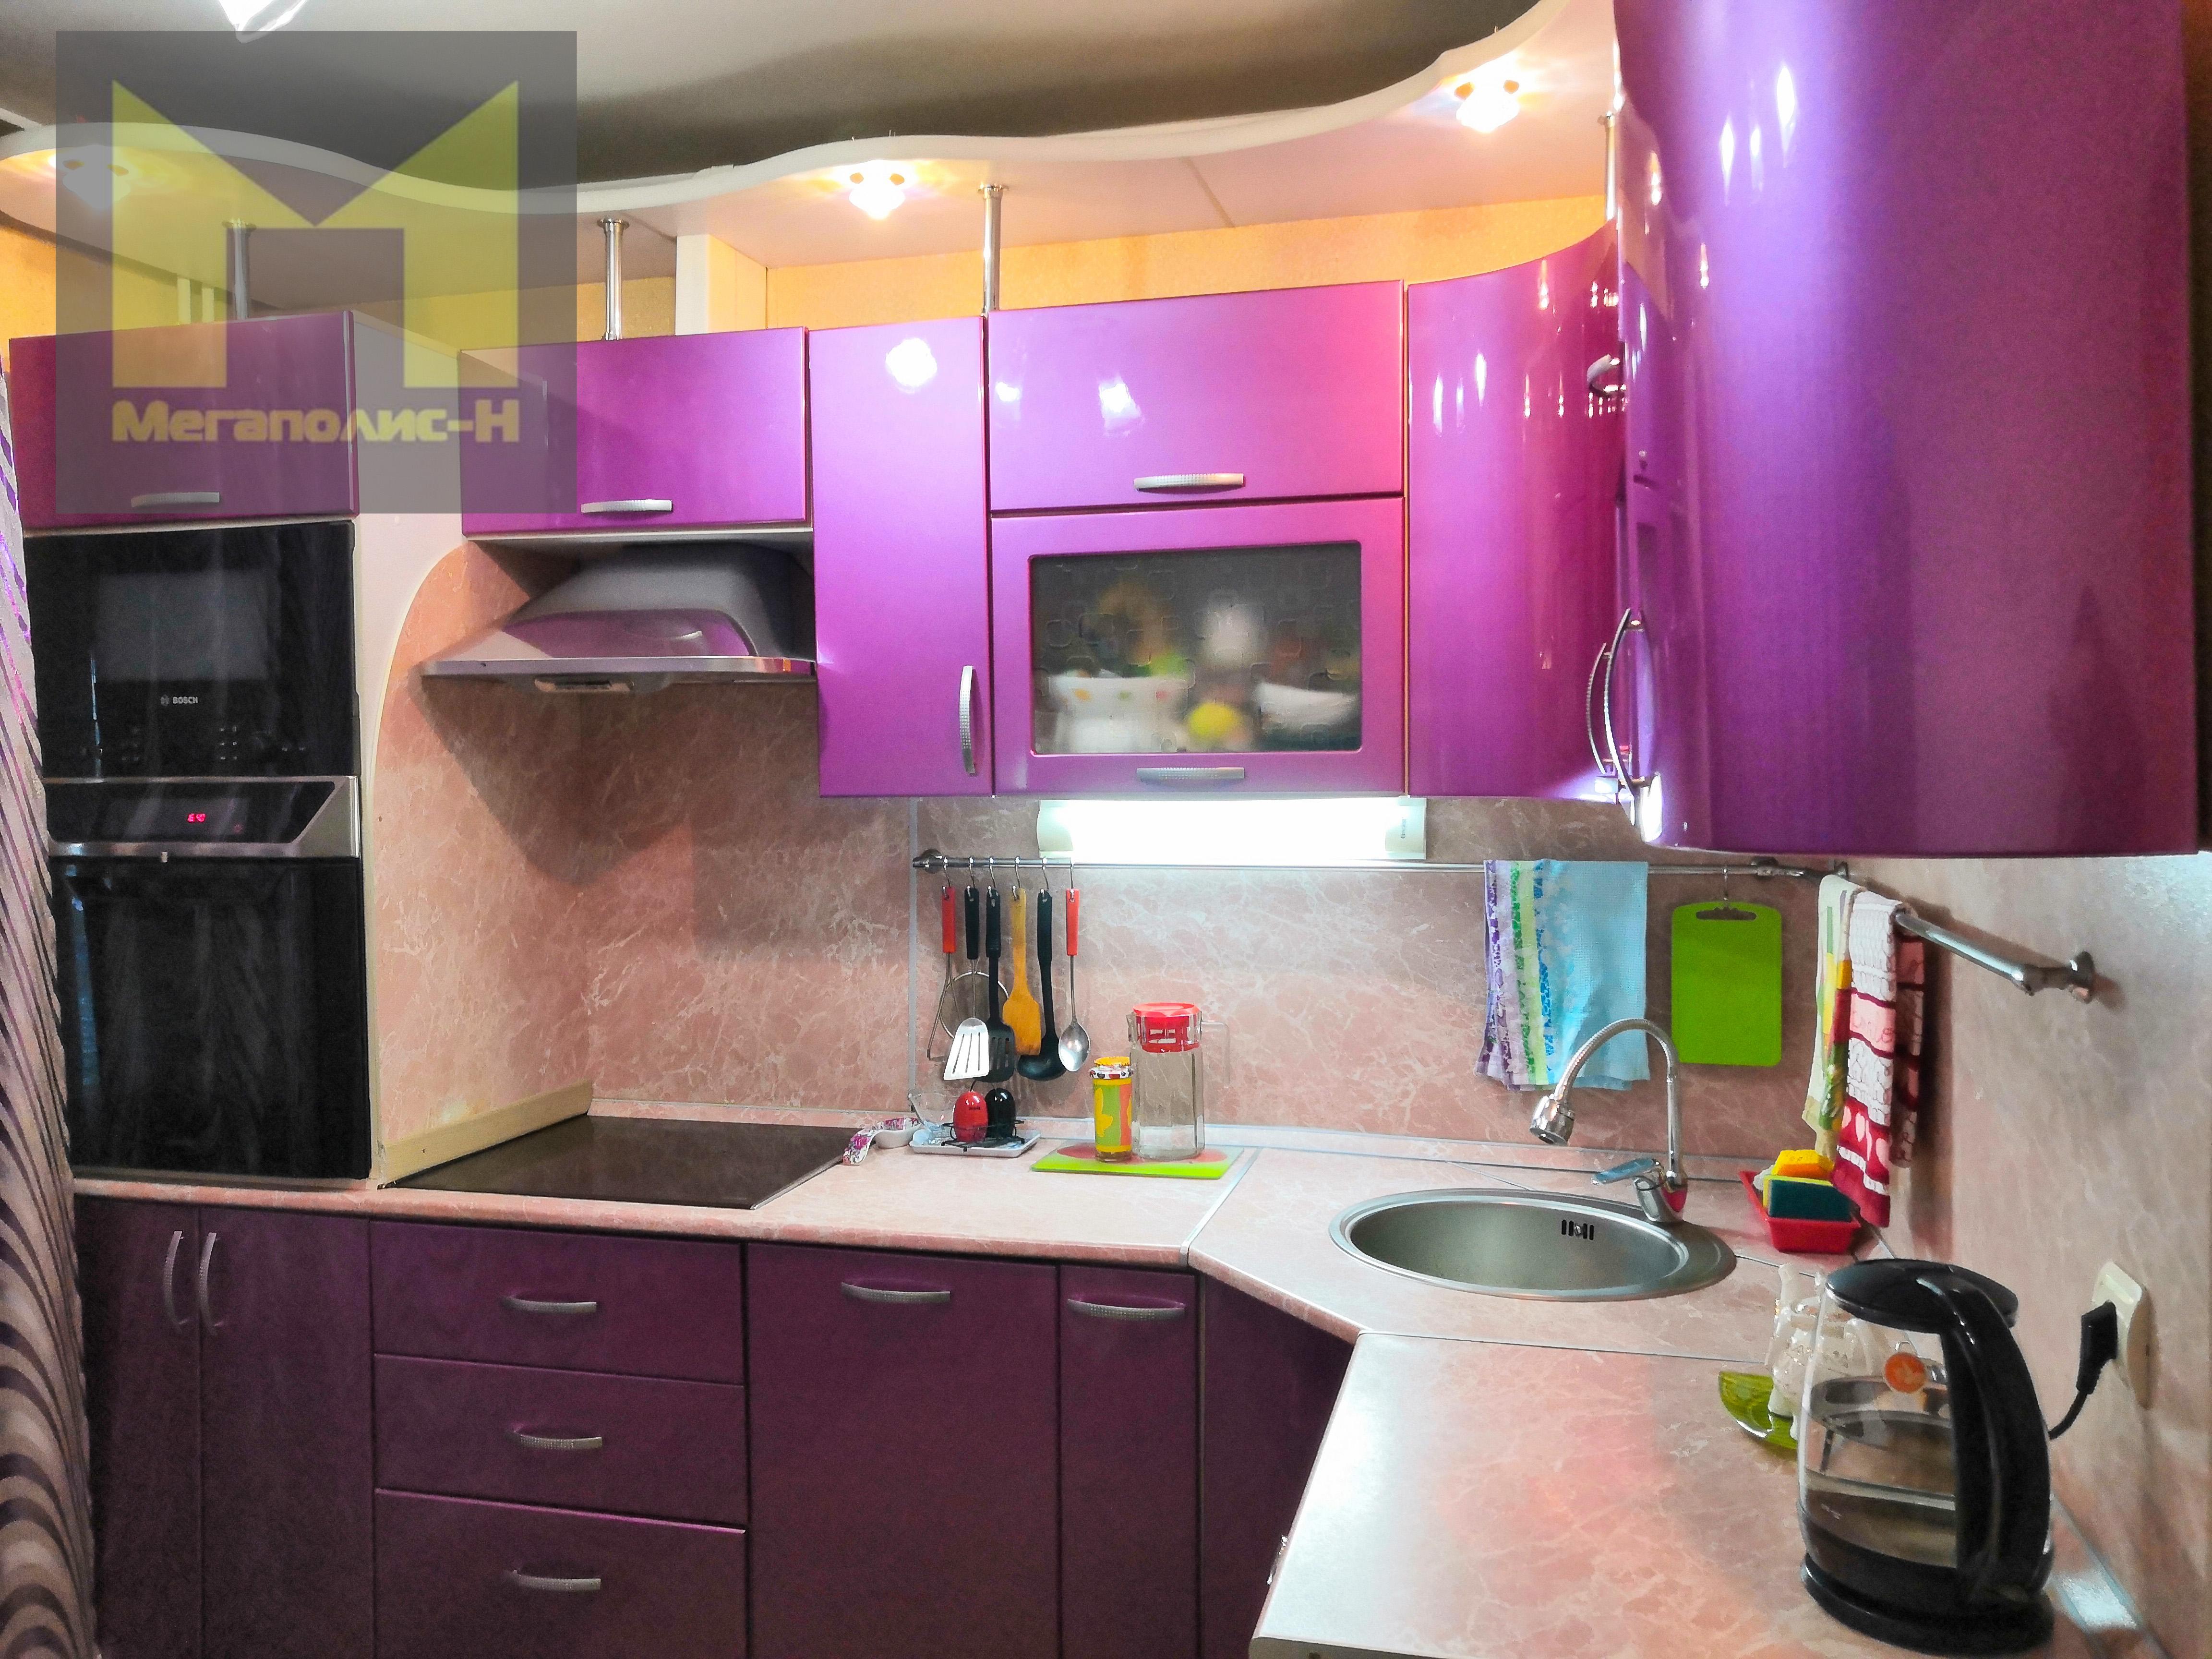 Фото: Продается отличная 2-х комнатная квартира, не требующая вложений в самом центре города